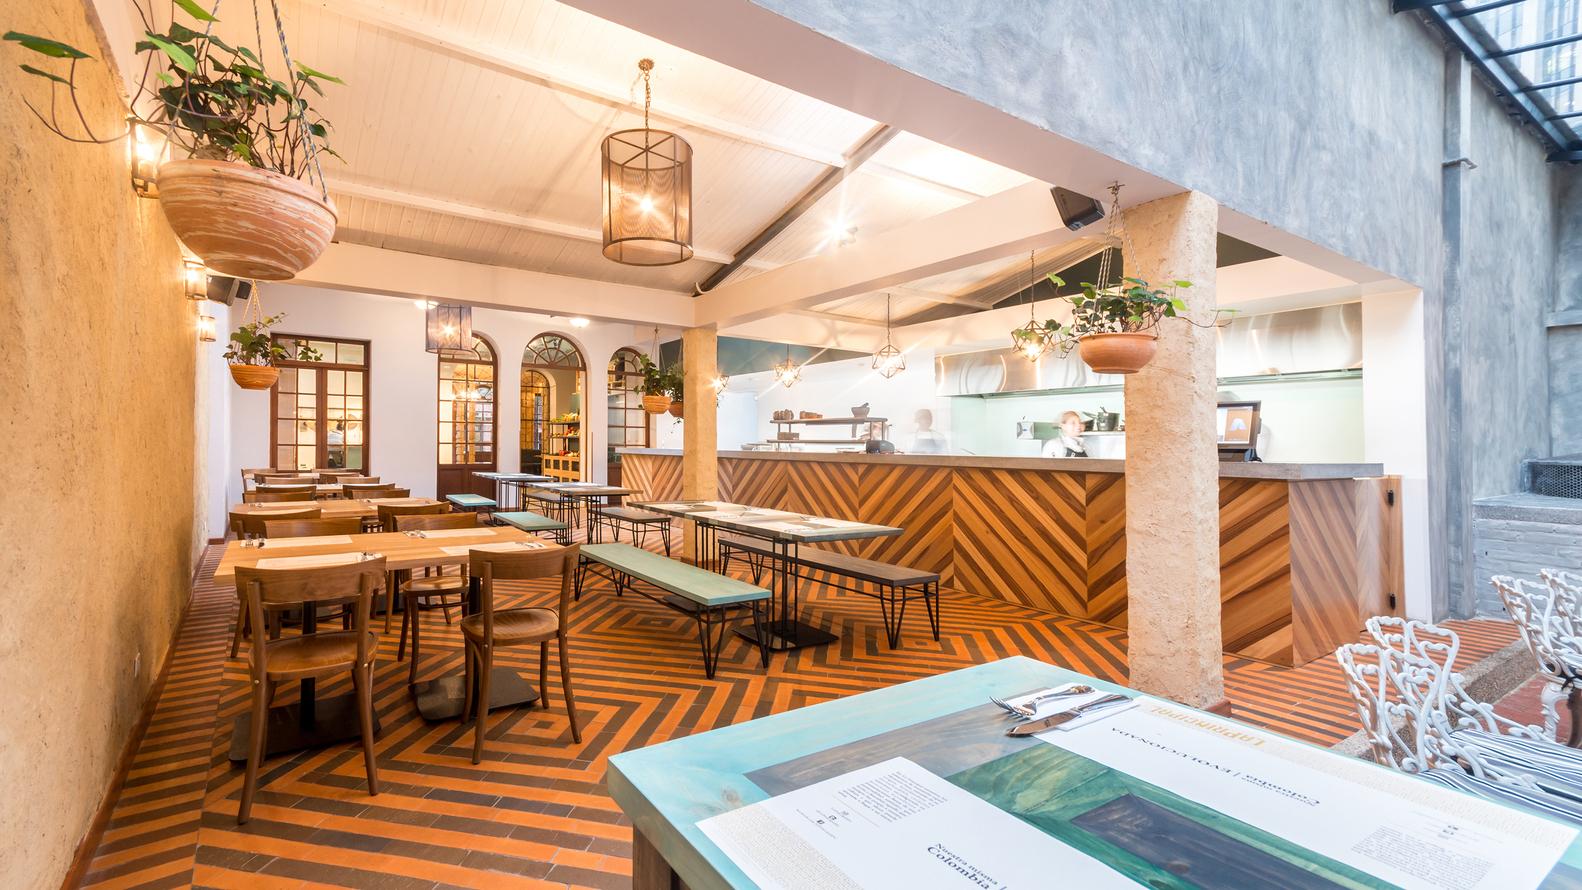 Arquitectura_Kdf_Restaurante_La_Principal_14